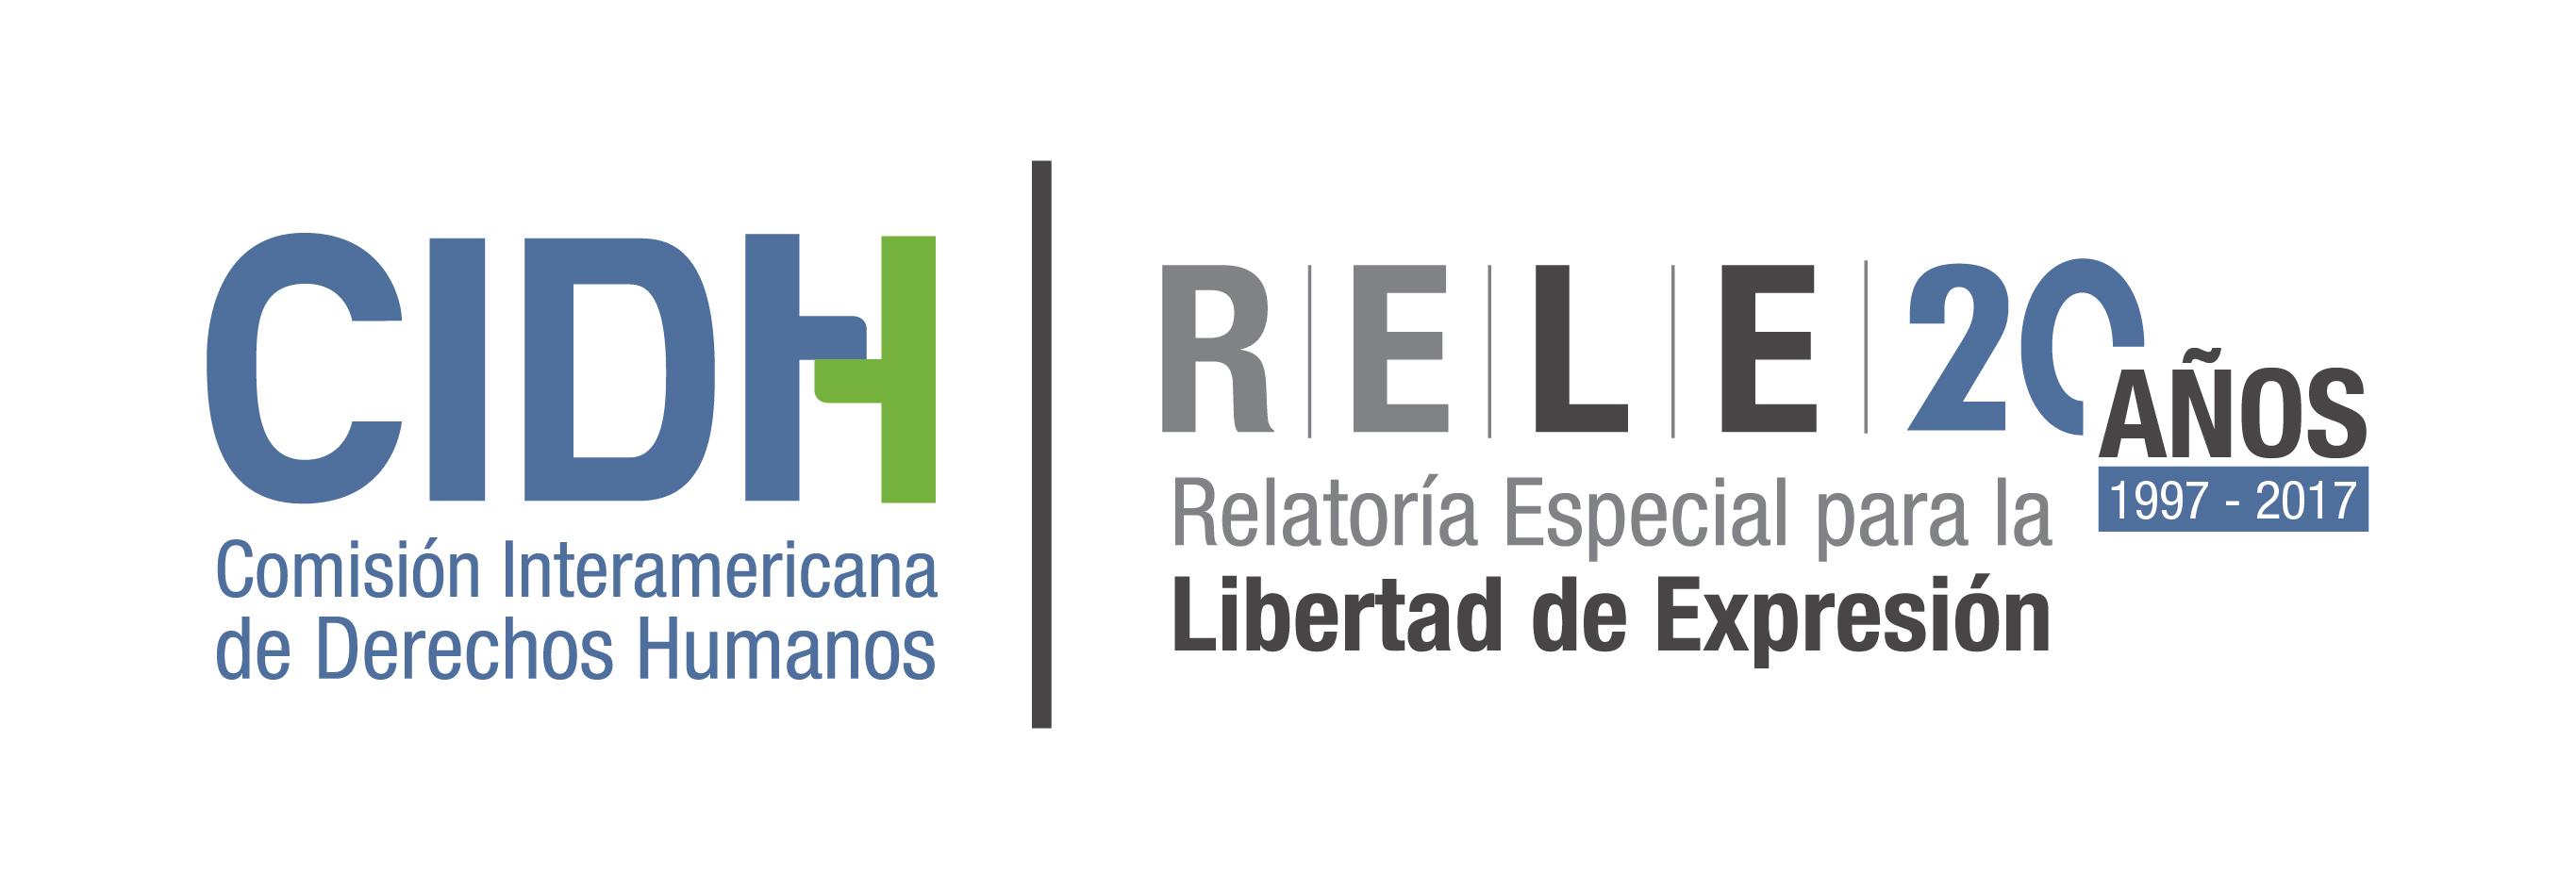 Resultado de imagen para Relatoría Especial para la Libertad de Expresión de la Comisión Interamericana de Derechos Humanos